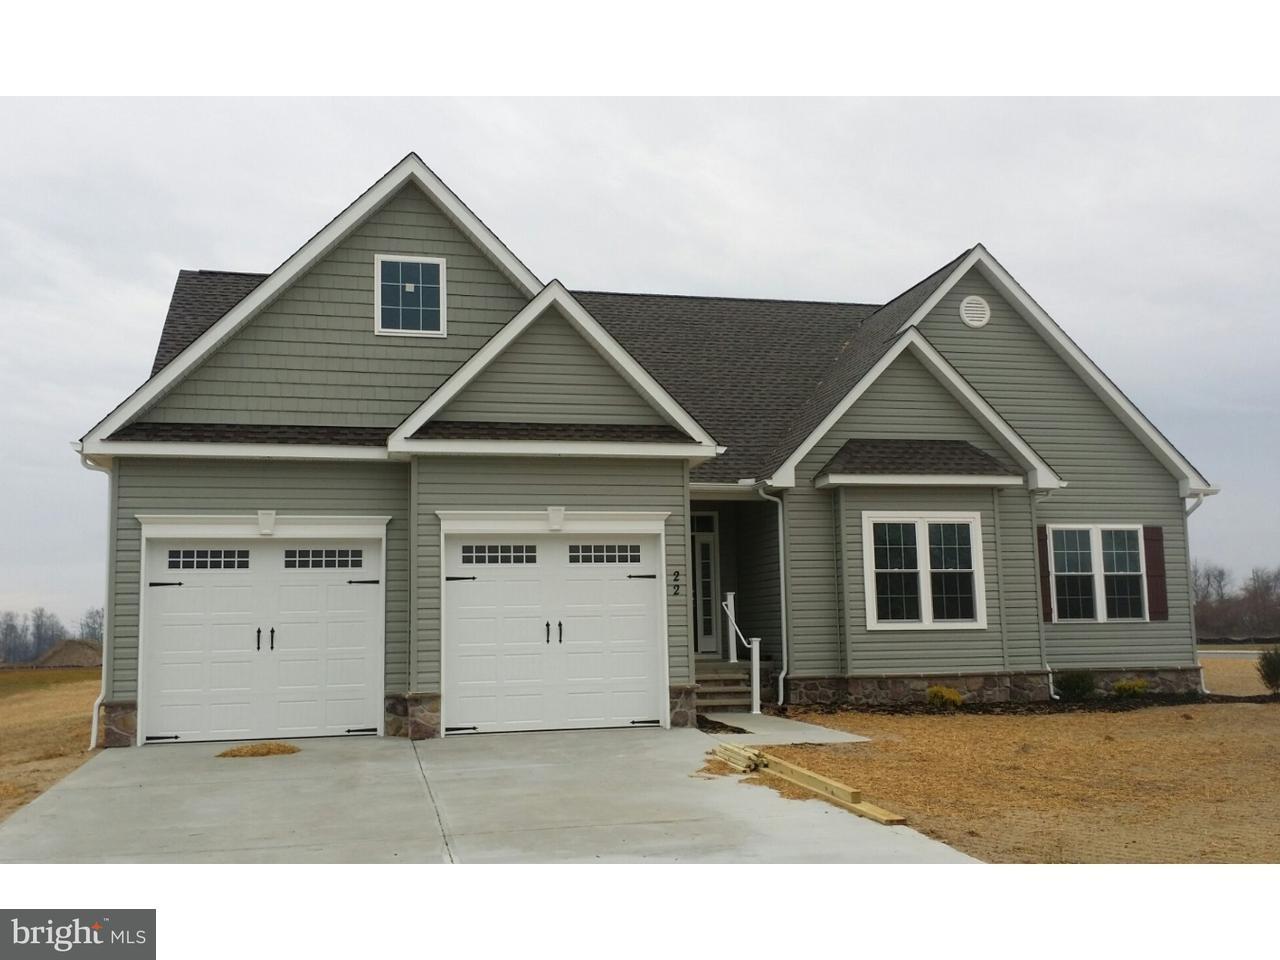 Einfamilienhaus für Verkauf beim 22 MCEWEN Drive Greenwood, Delaware 19950 Vereinigte Staaten